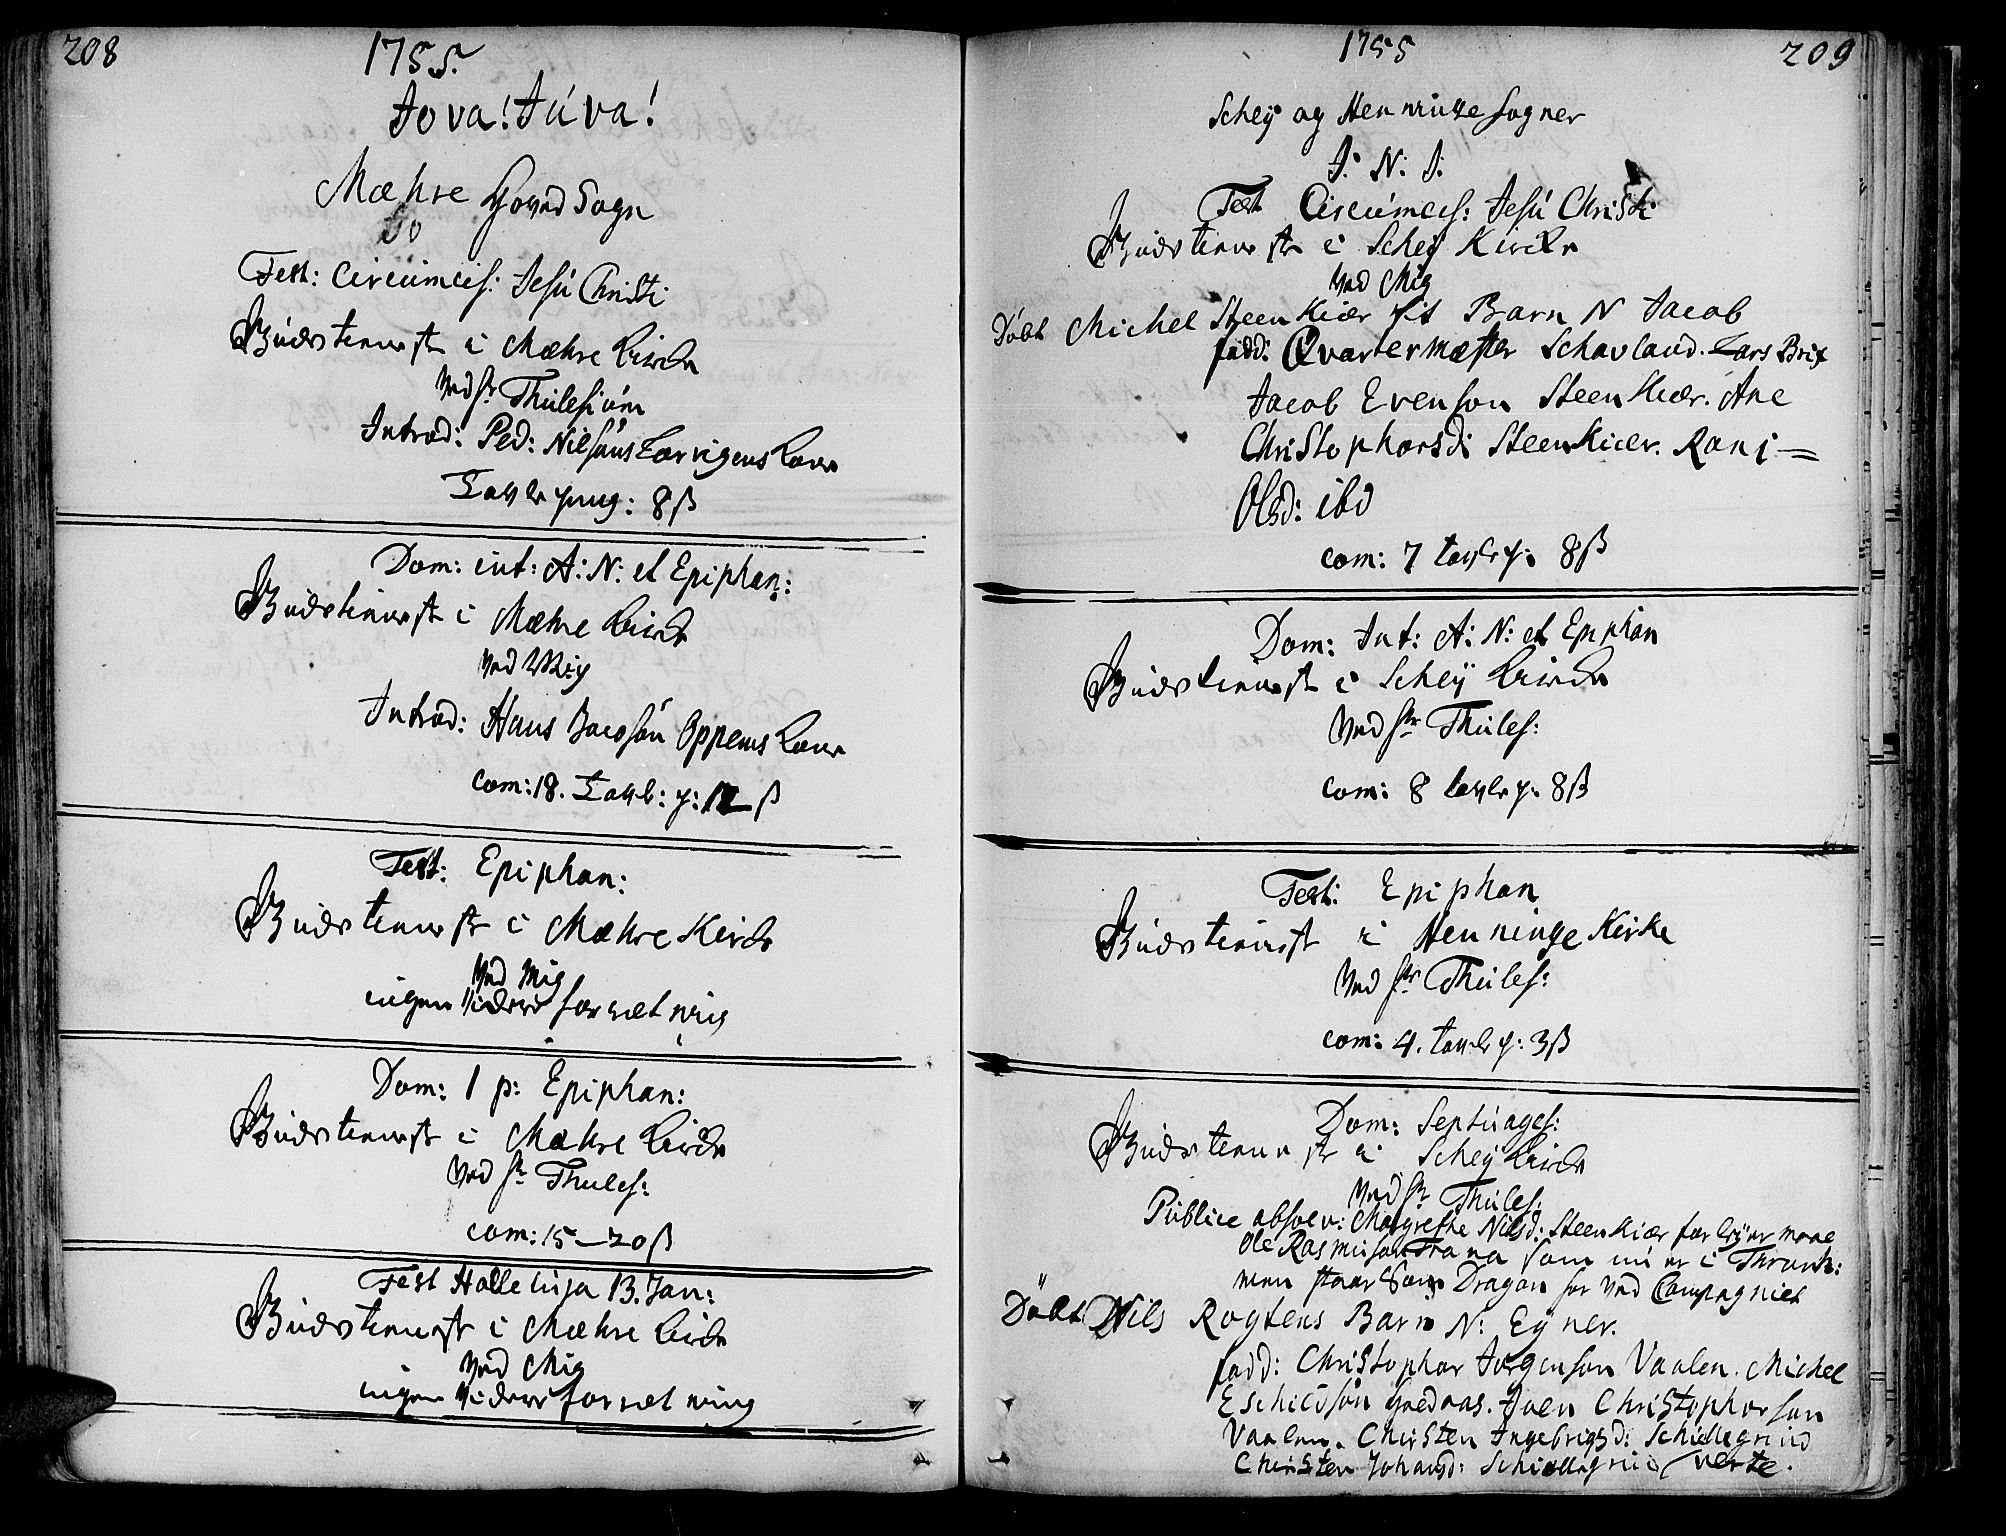 SAT, Ministerialprotokoller, klokkerbøker og fødselsregistre - Nord-Trøndelag, 735/L0330: Ministerialbok nr. 735A01, 1740-1766, s. 208-209